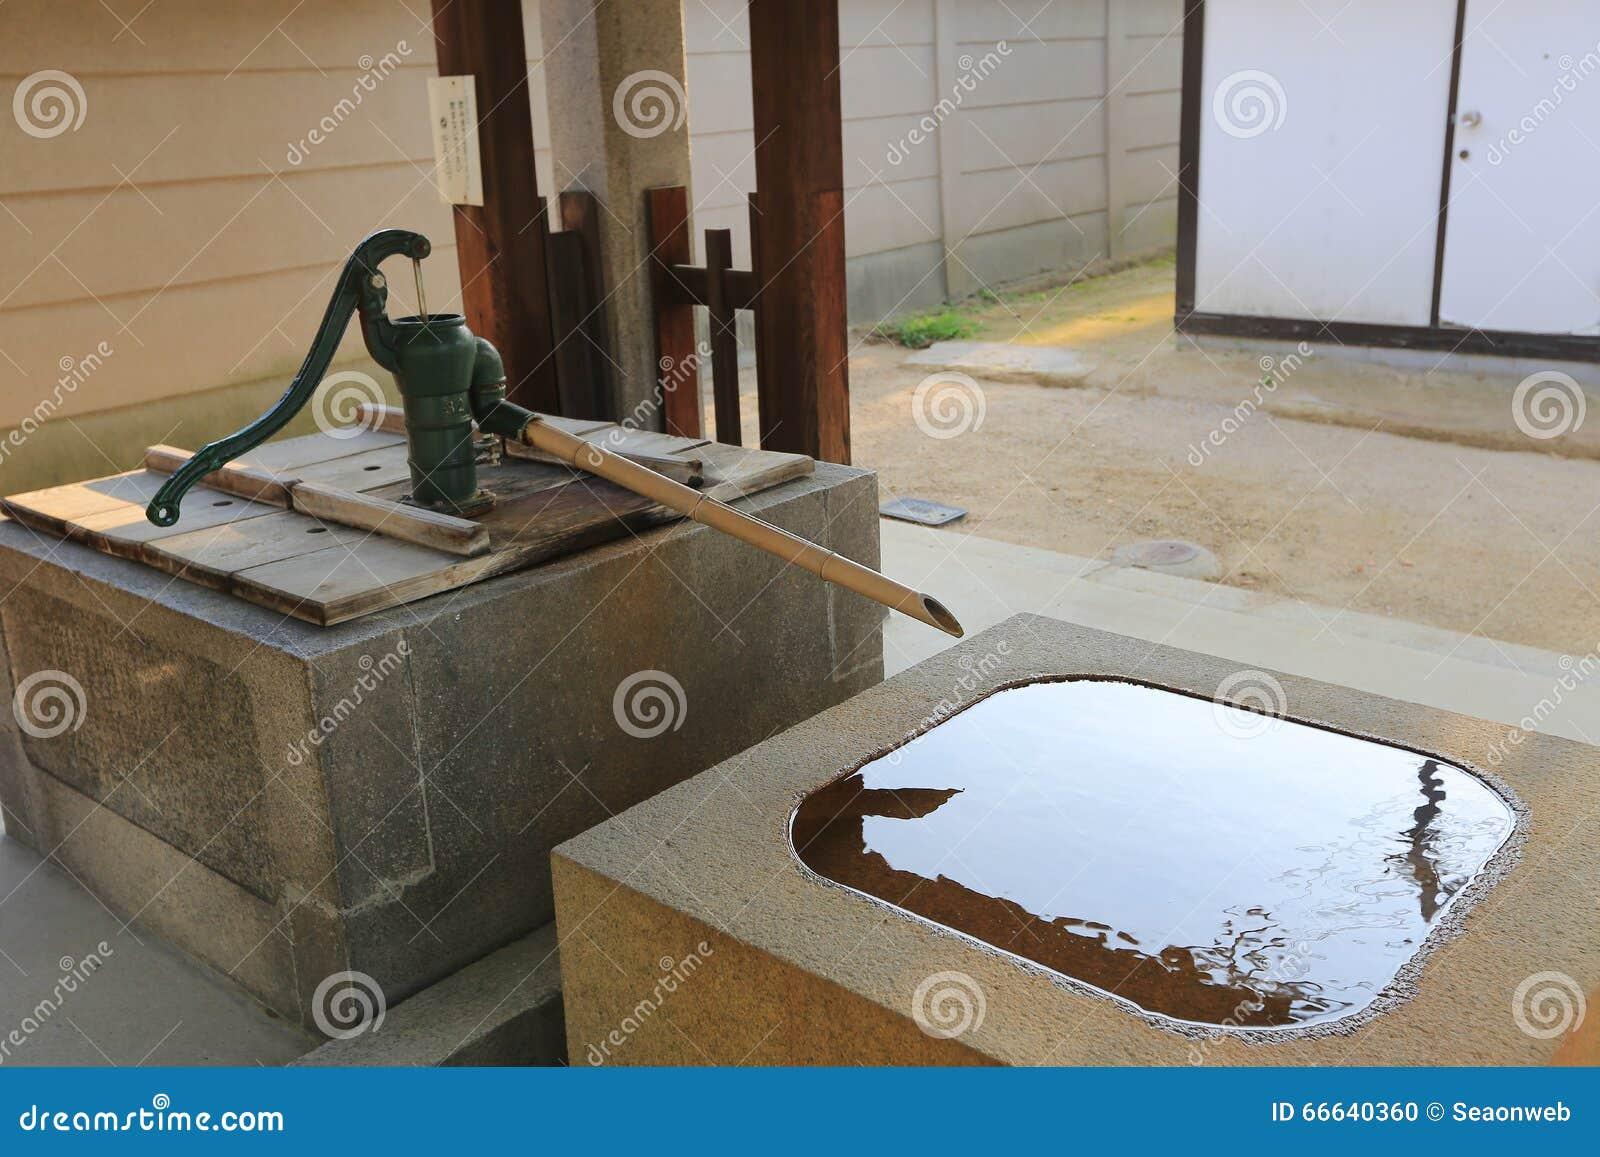 Japanischer Bambusbrunnen Stockfoto Bild Von Japanisch 66640360